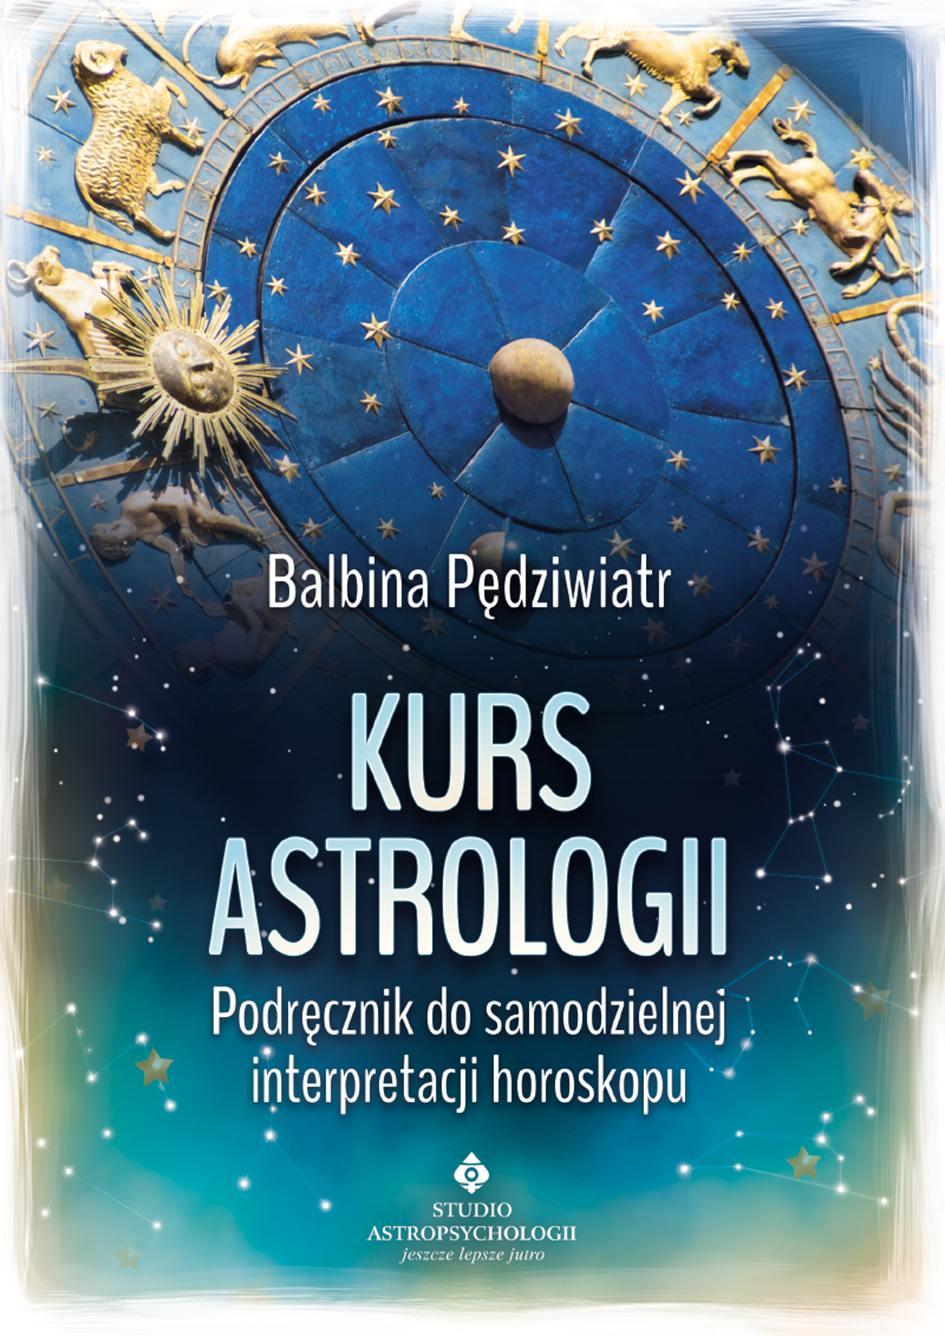 Kurs astrologii. Podręcznik do samodzielnej interpretacji horoskopu - Ebook (Książka na Kindle) do pobrania w formacie MOBI